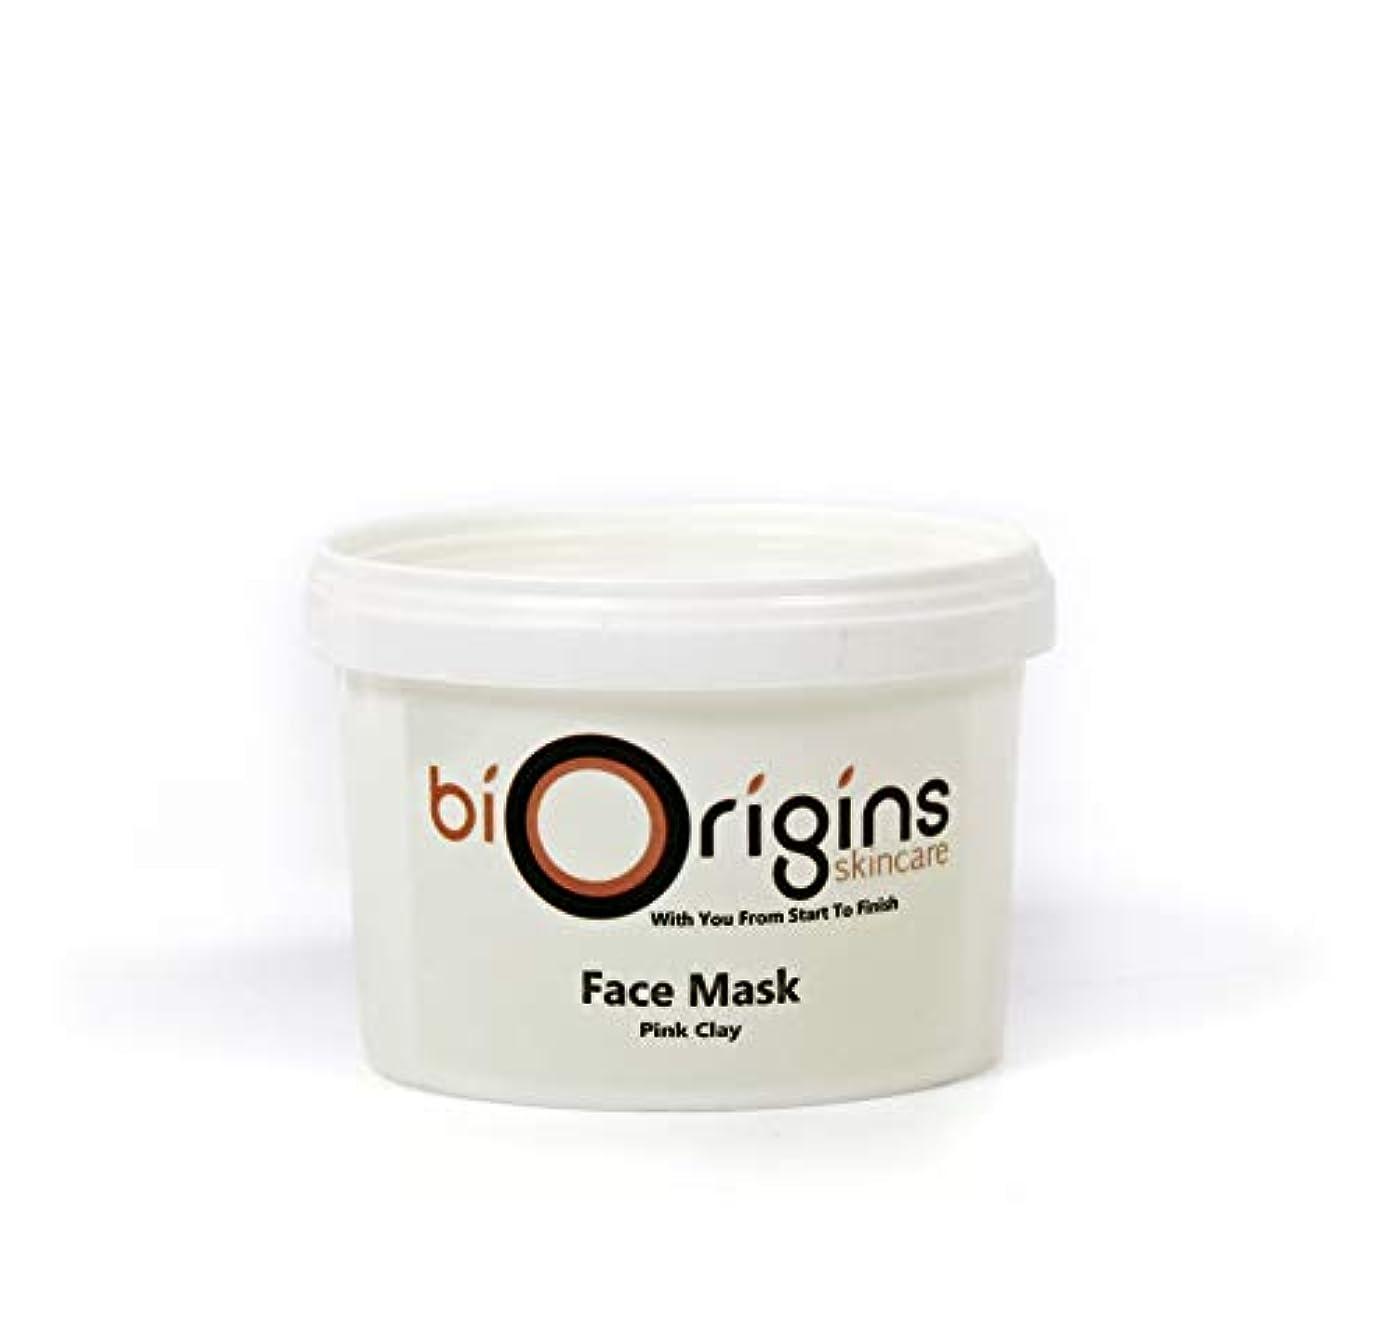 作り上げる哀れな消費者Face Mask - Pink Clay - Botanical Skincare Base - 500g